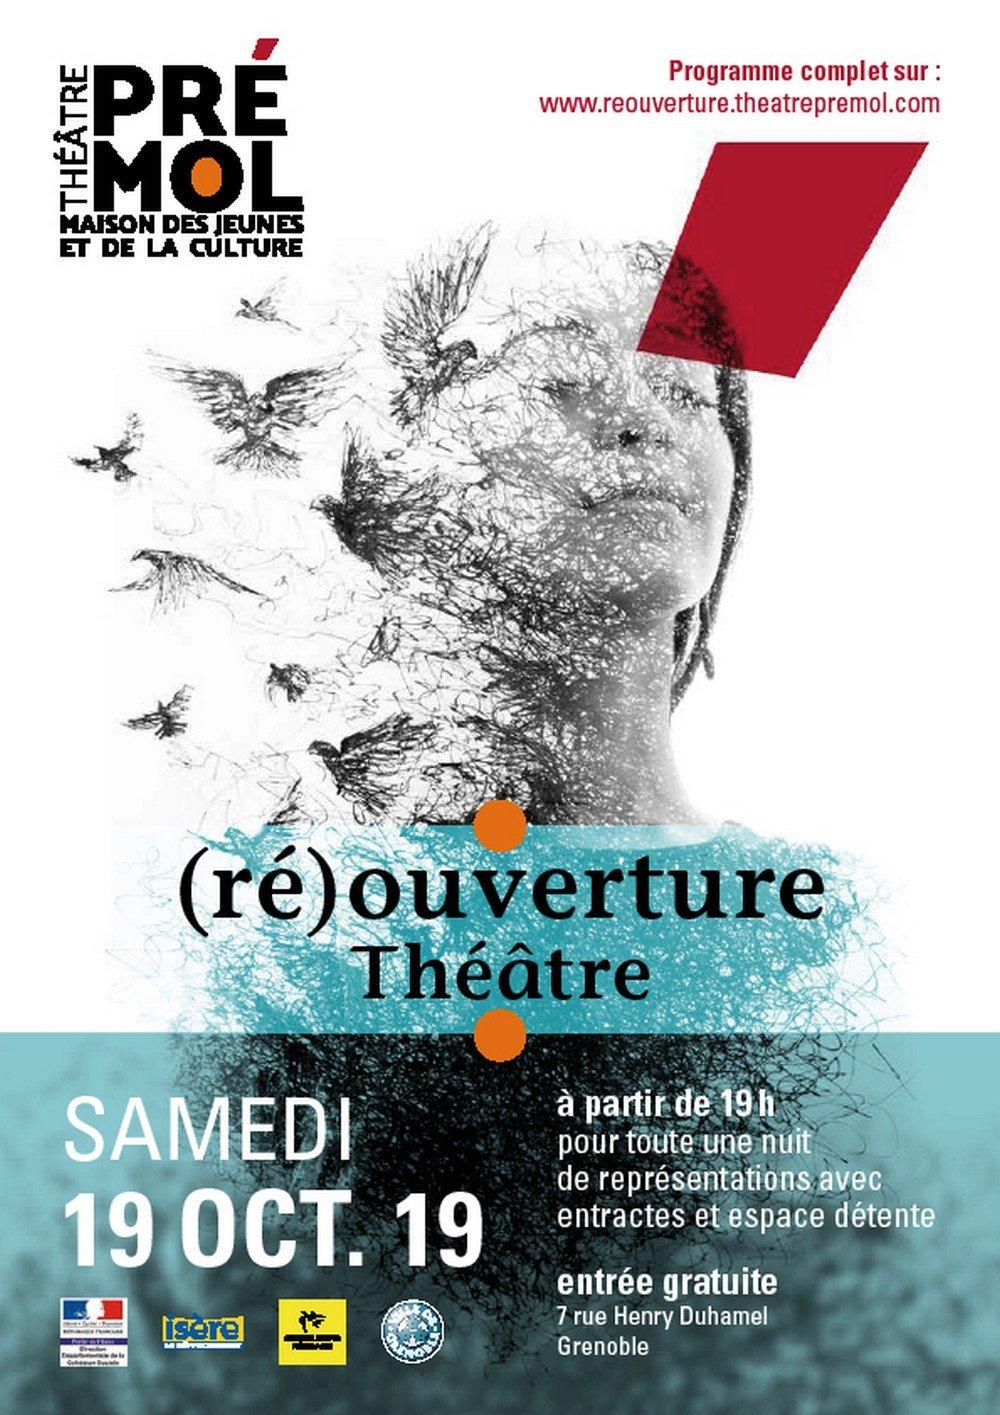 Mondaines Théâtre Grenoble